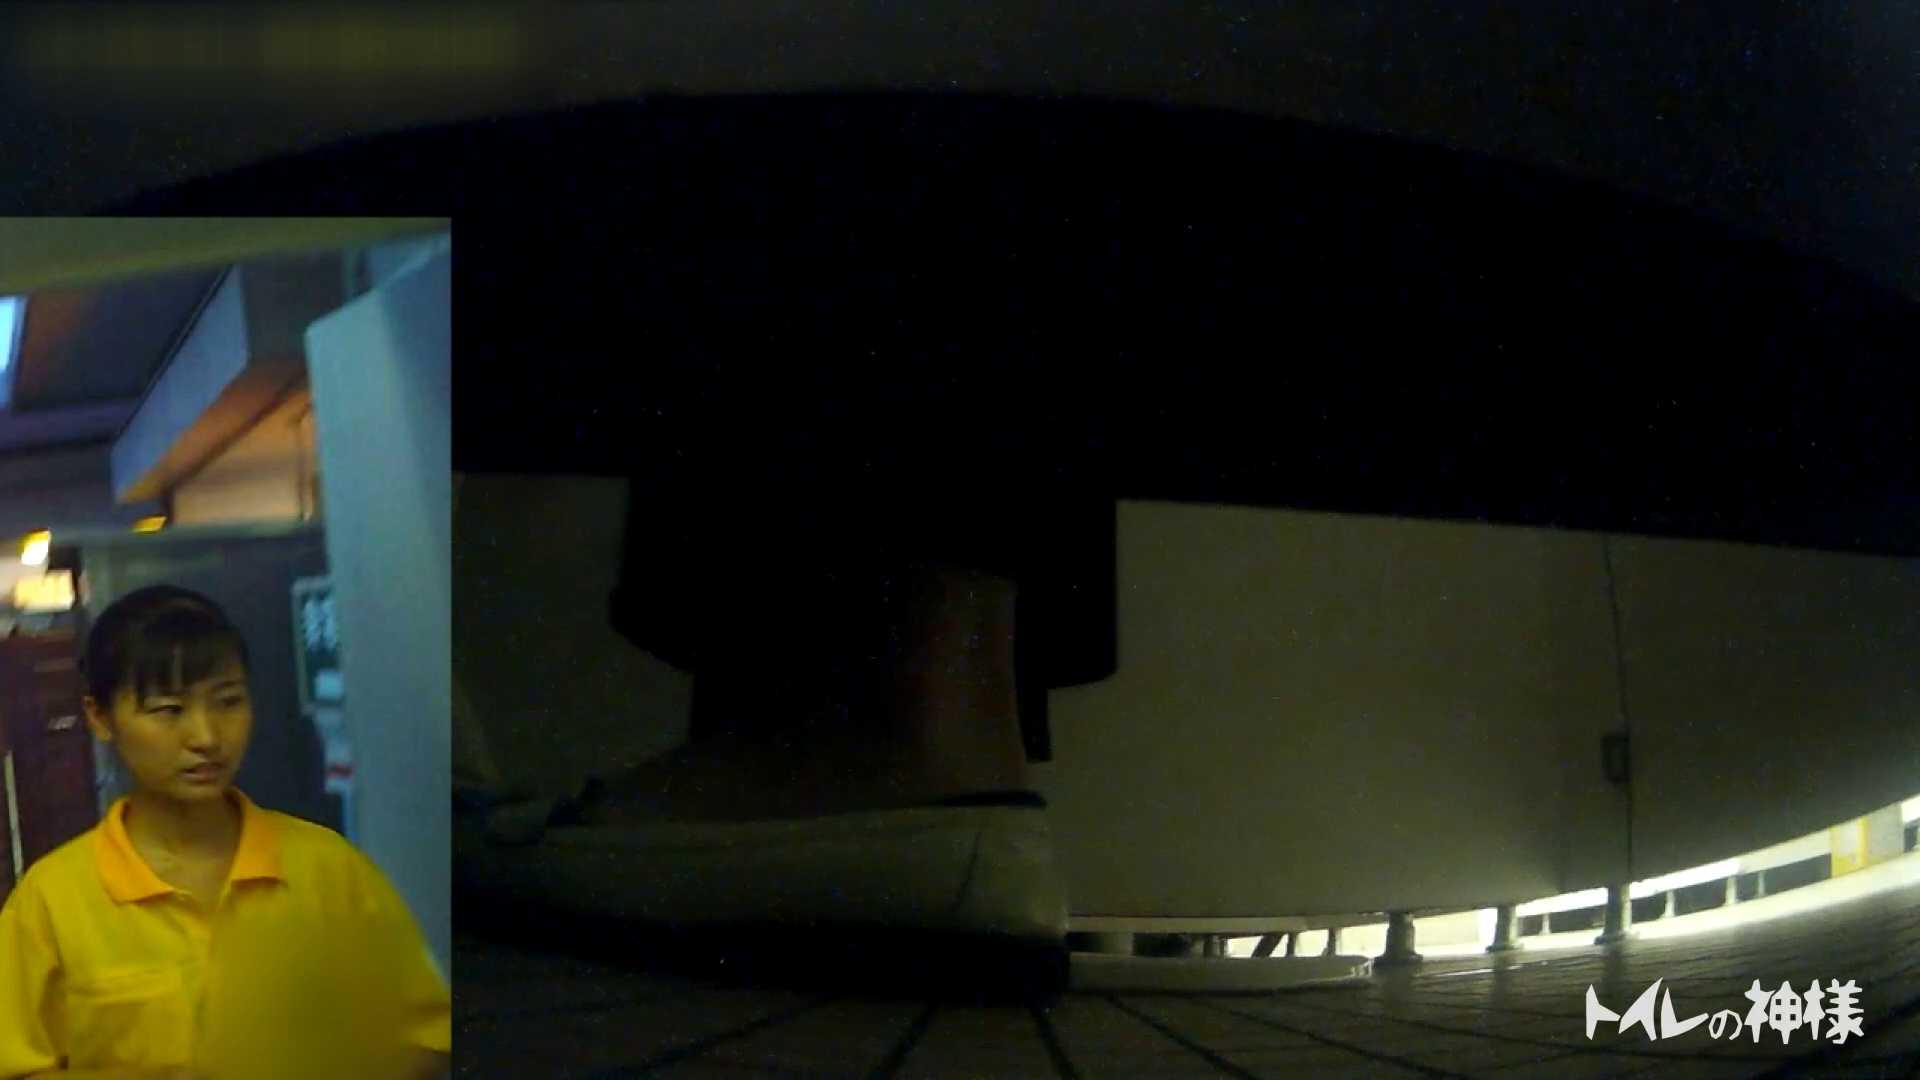 ▲2017_28位▲ ビアガーデン!美人が6人!トイレの神様 Vol.11 エッチなお姉さん おまんこ無修正動画無料 104画像 70